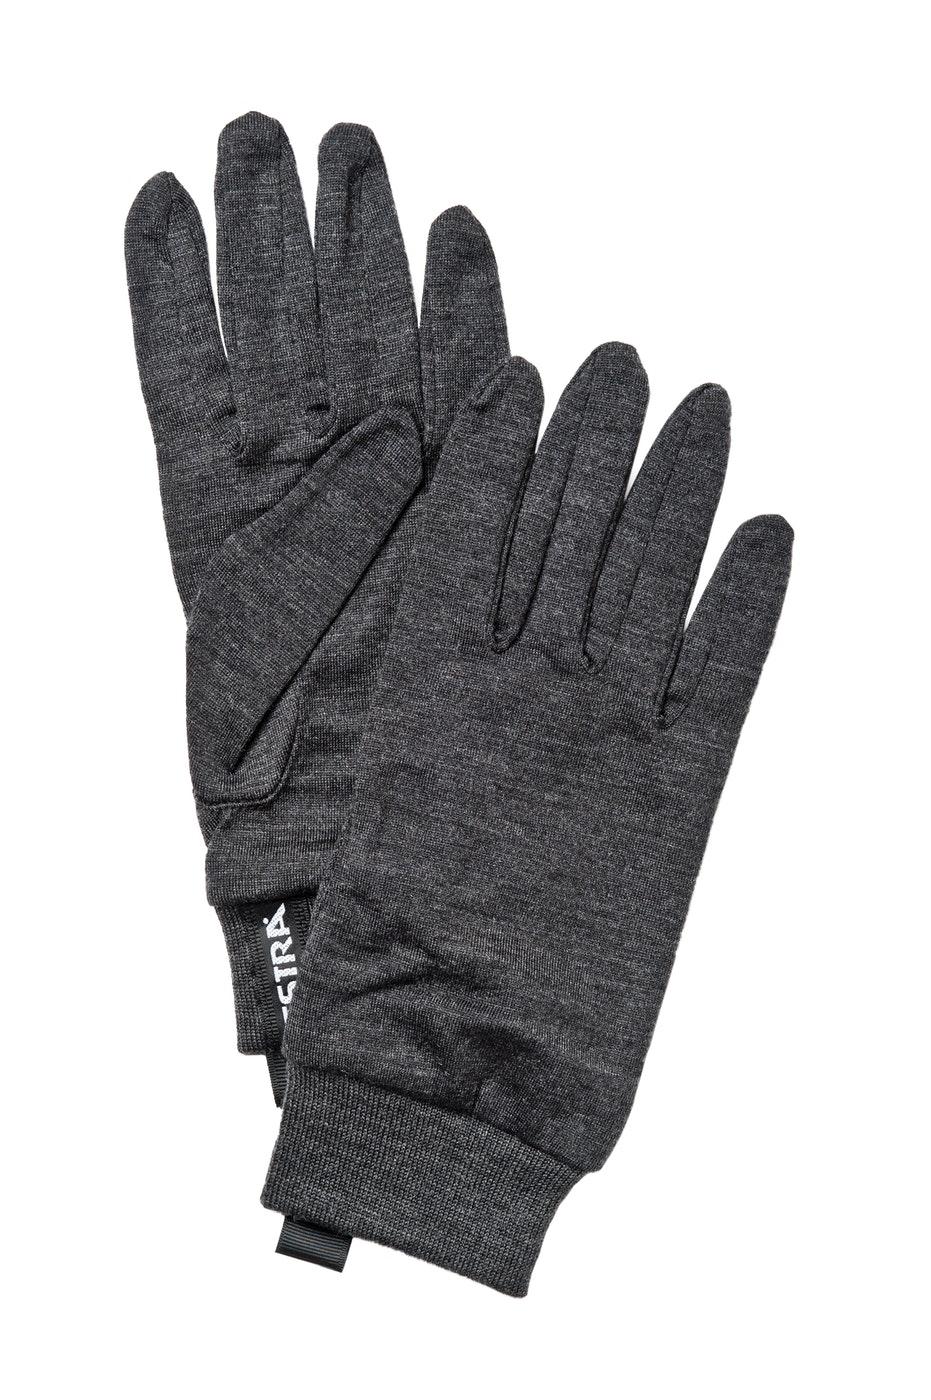 Merino Wool Liner Active - 5 finger